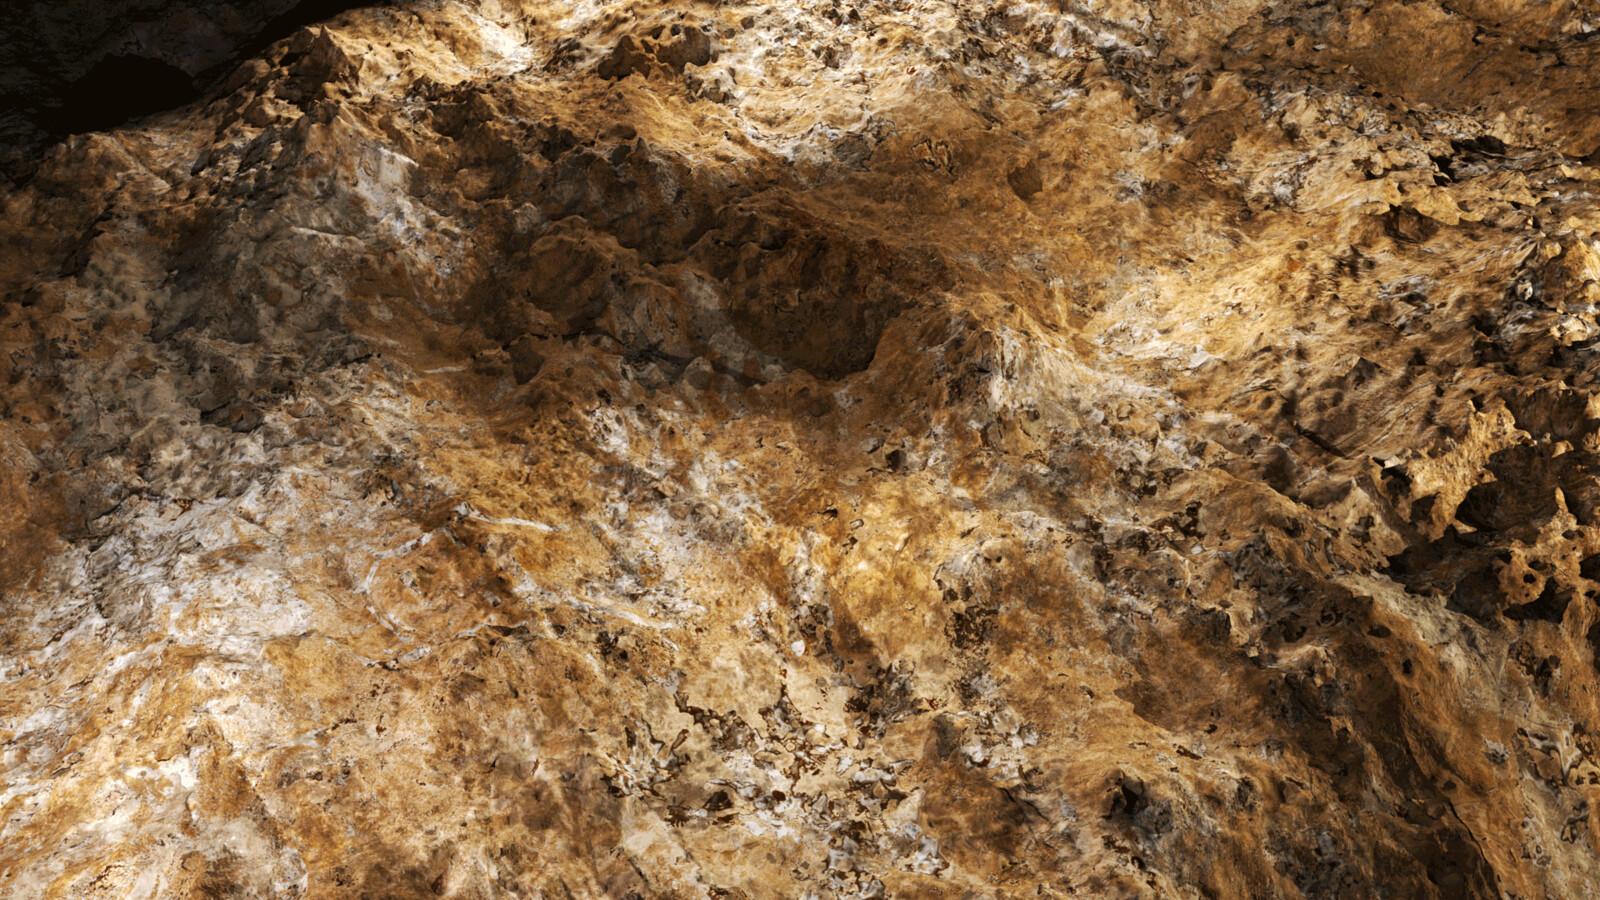 procedural rocky ground